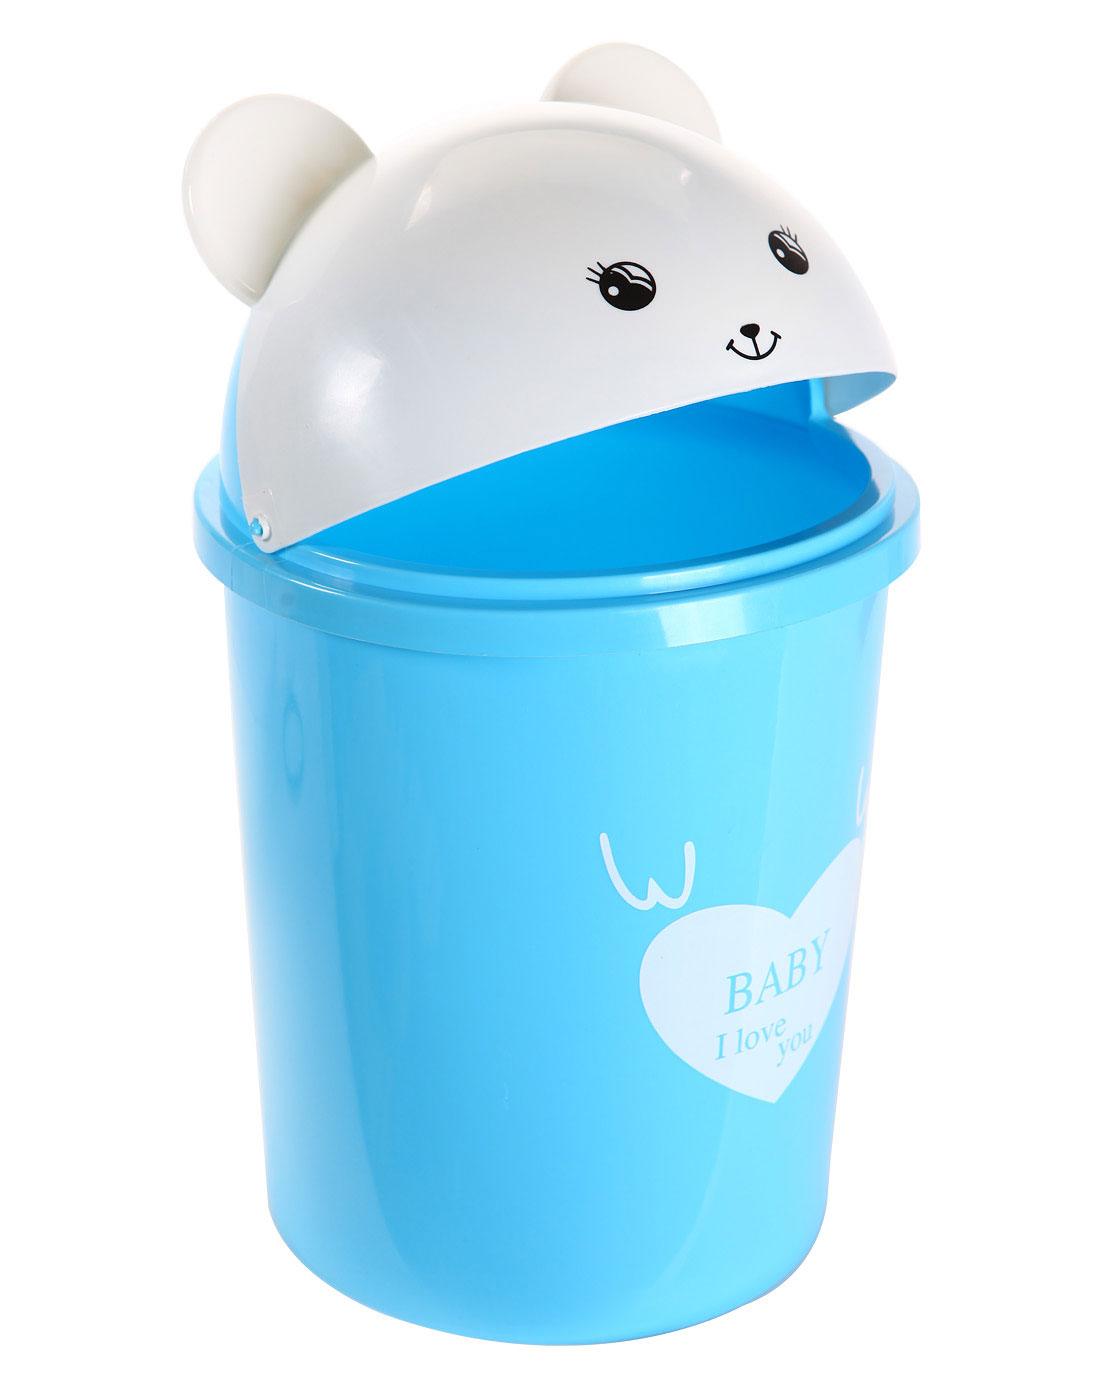 蓝色可爱小熊塑料垃圾桶 8l